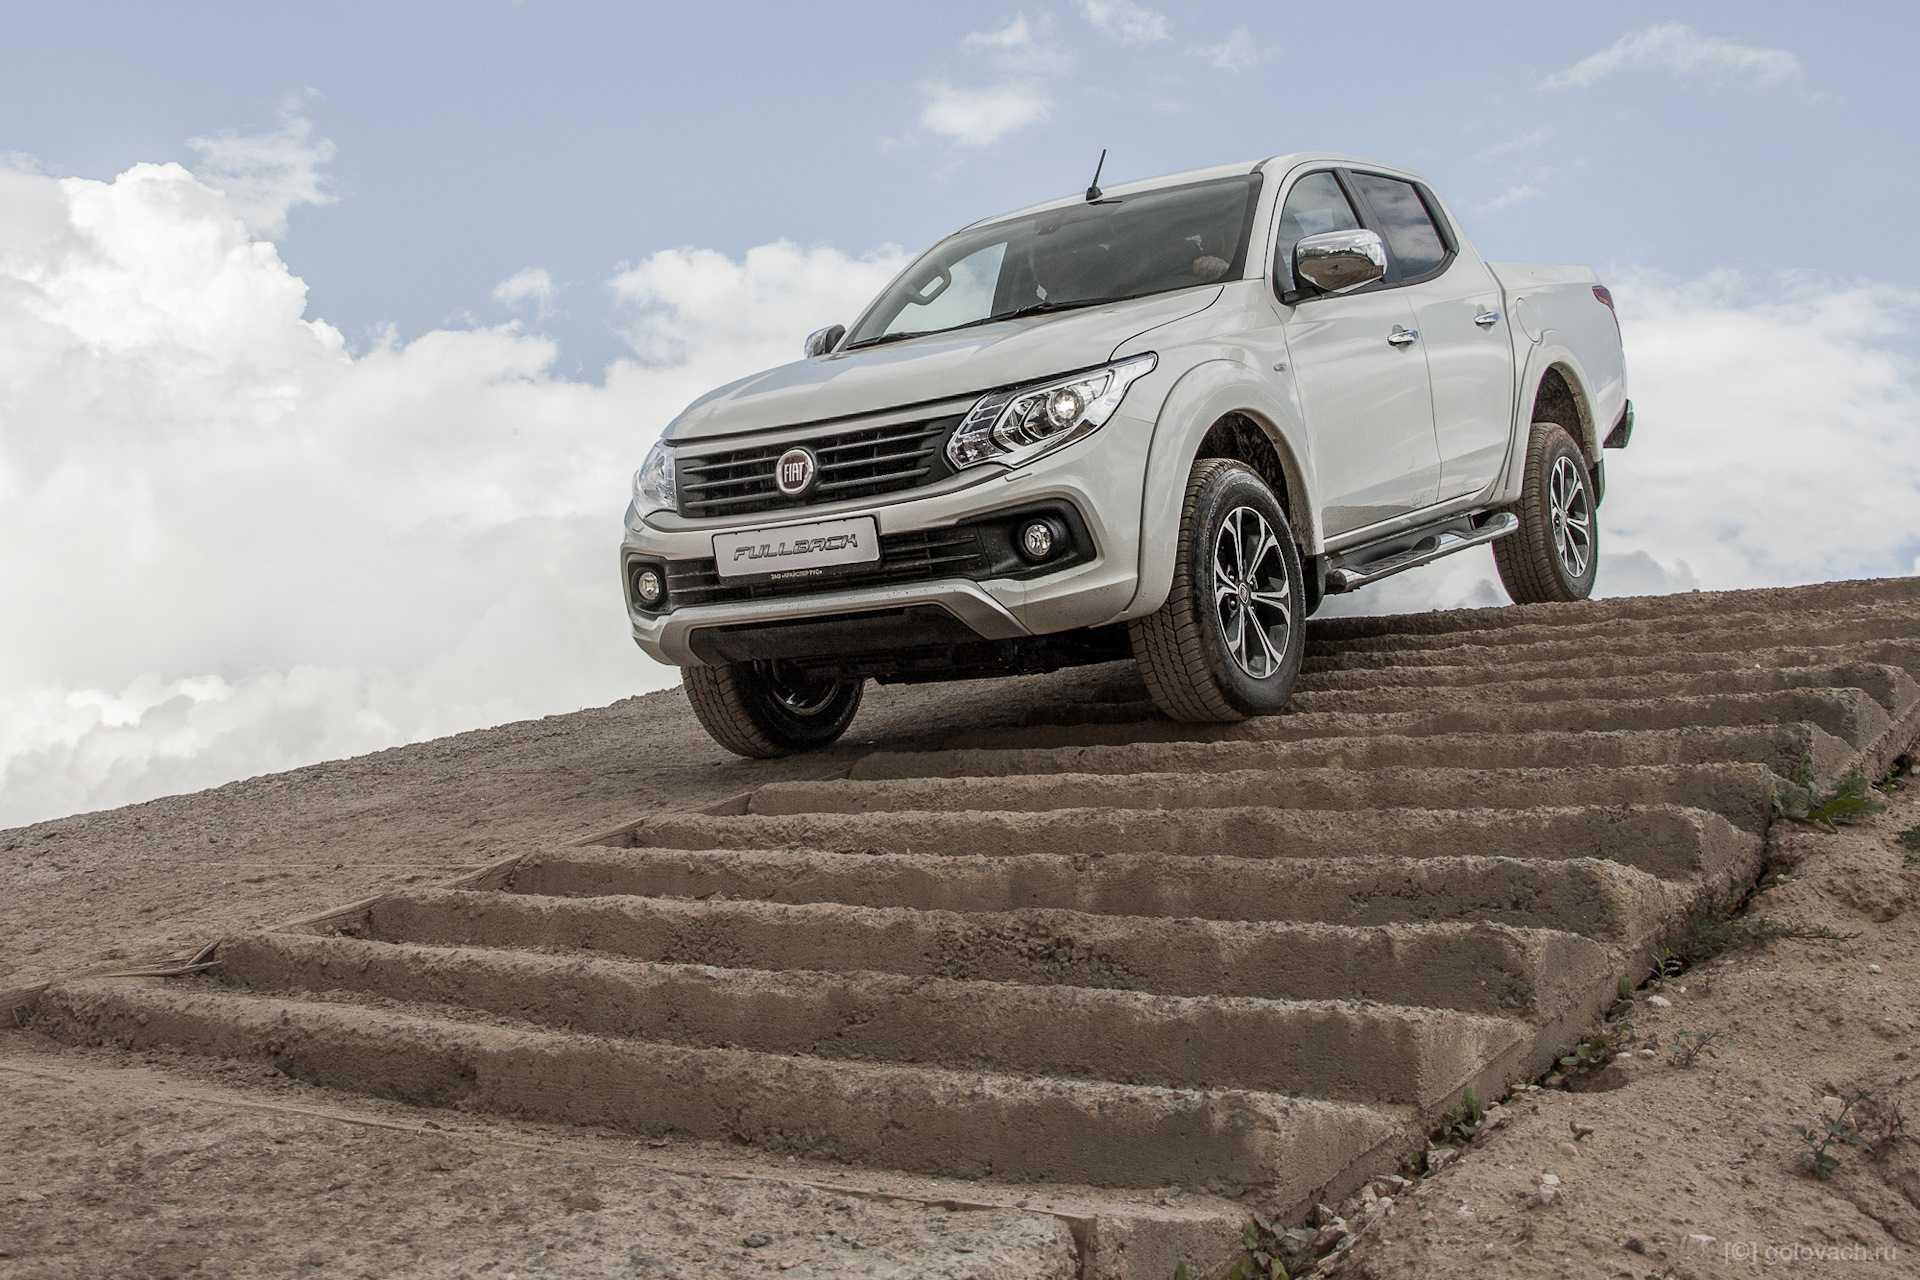 Fiat fullback - обзор, цены, видео, технические характеристики фиат фуллбэк